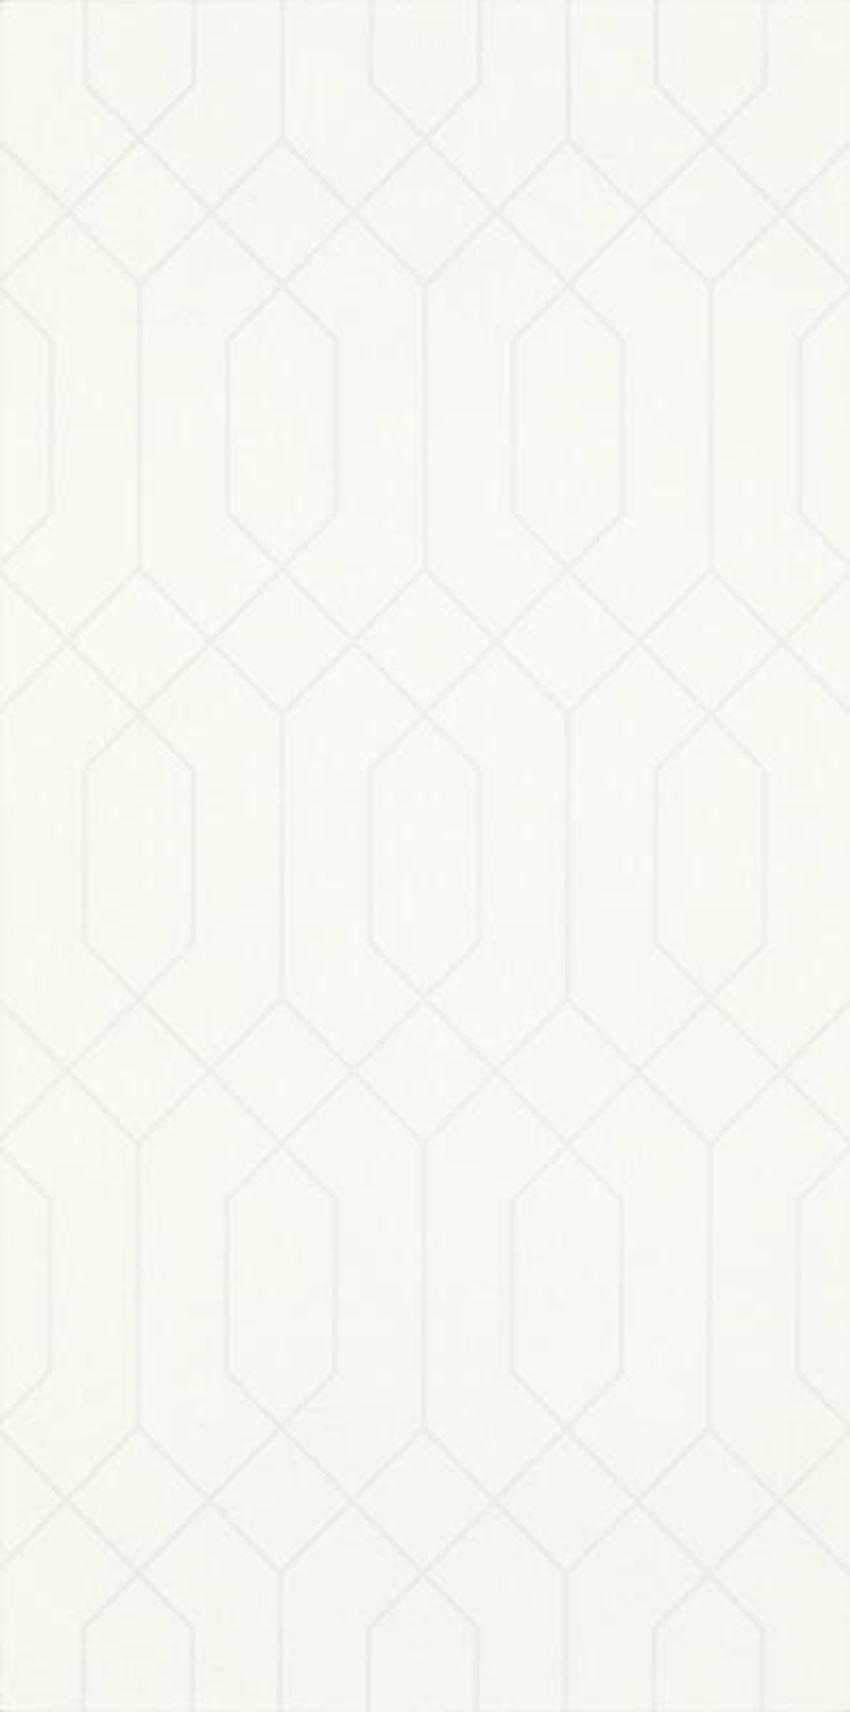 Płytka ścienna 29,5x59,5 cm Paradyż Taiga Ivory Ściana Rekt. Dekor